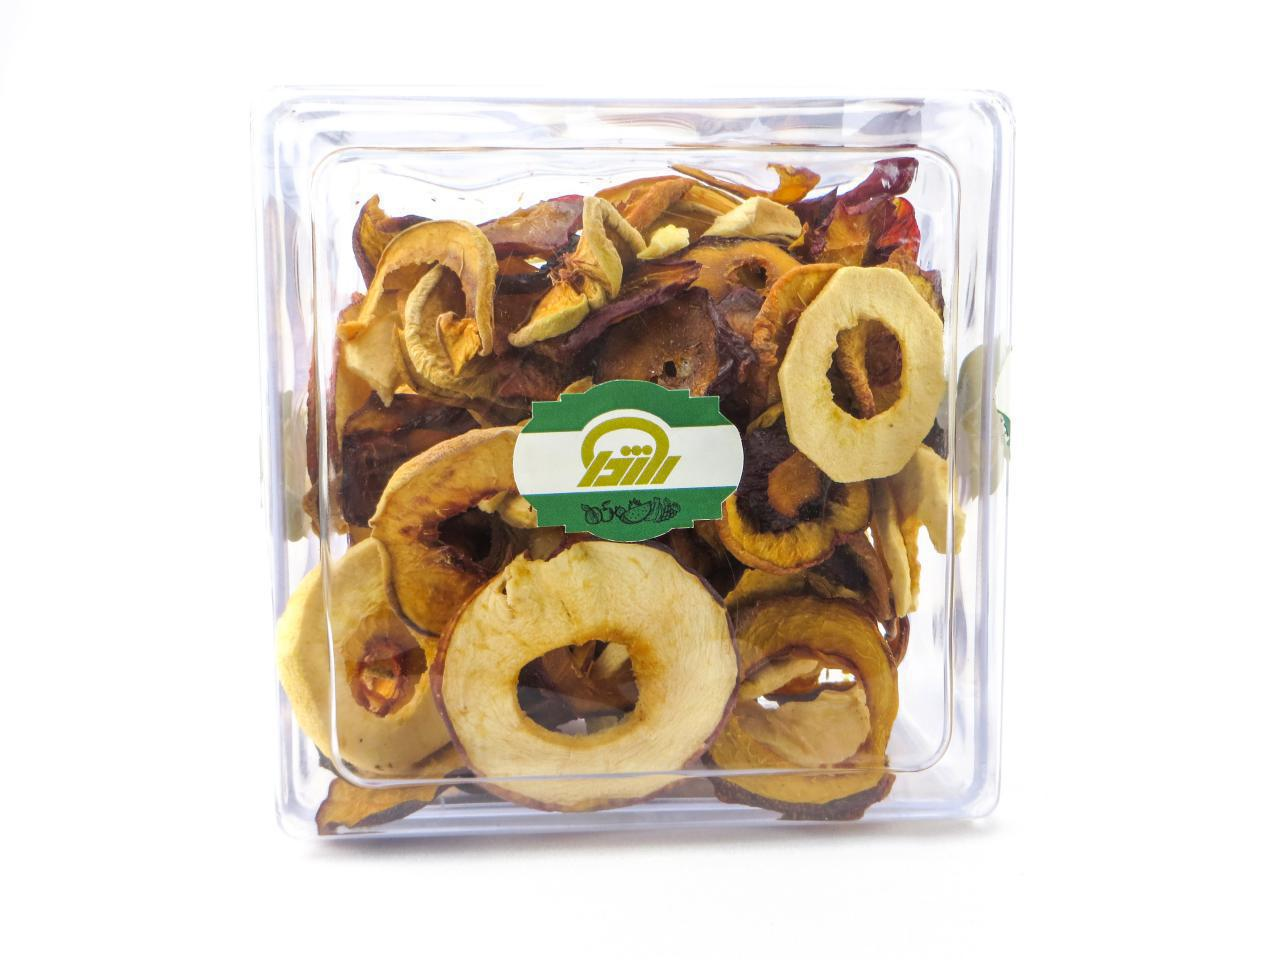 مخلوط میوه خشک روژدا 325 گرمی